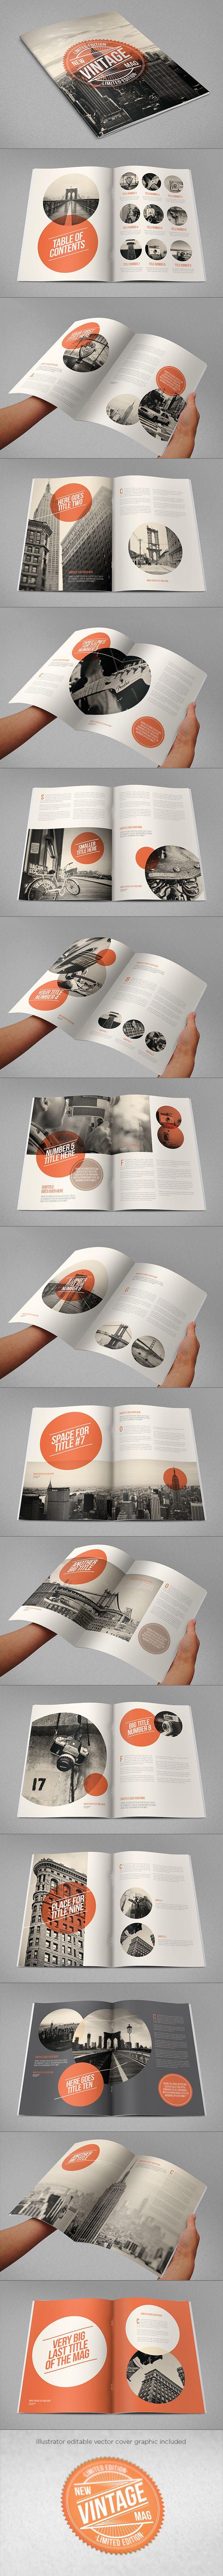 Diseño editorial                                                                                                                                                                                 Más